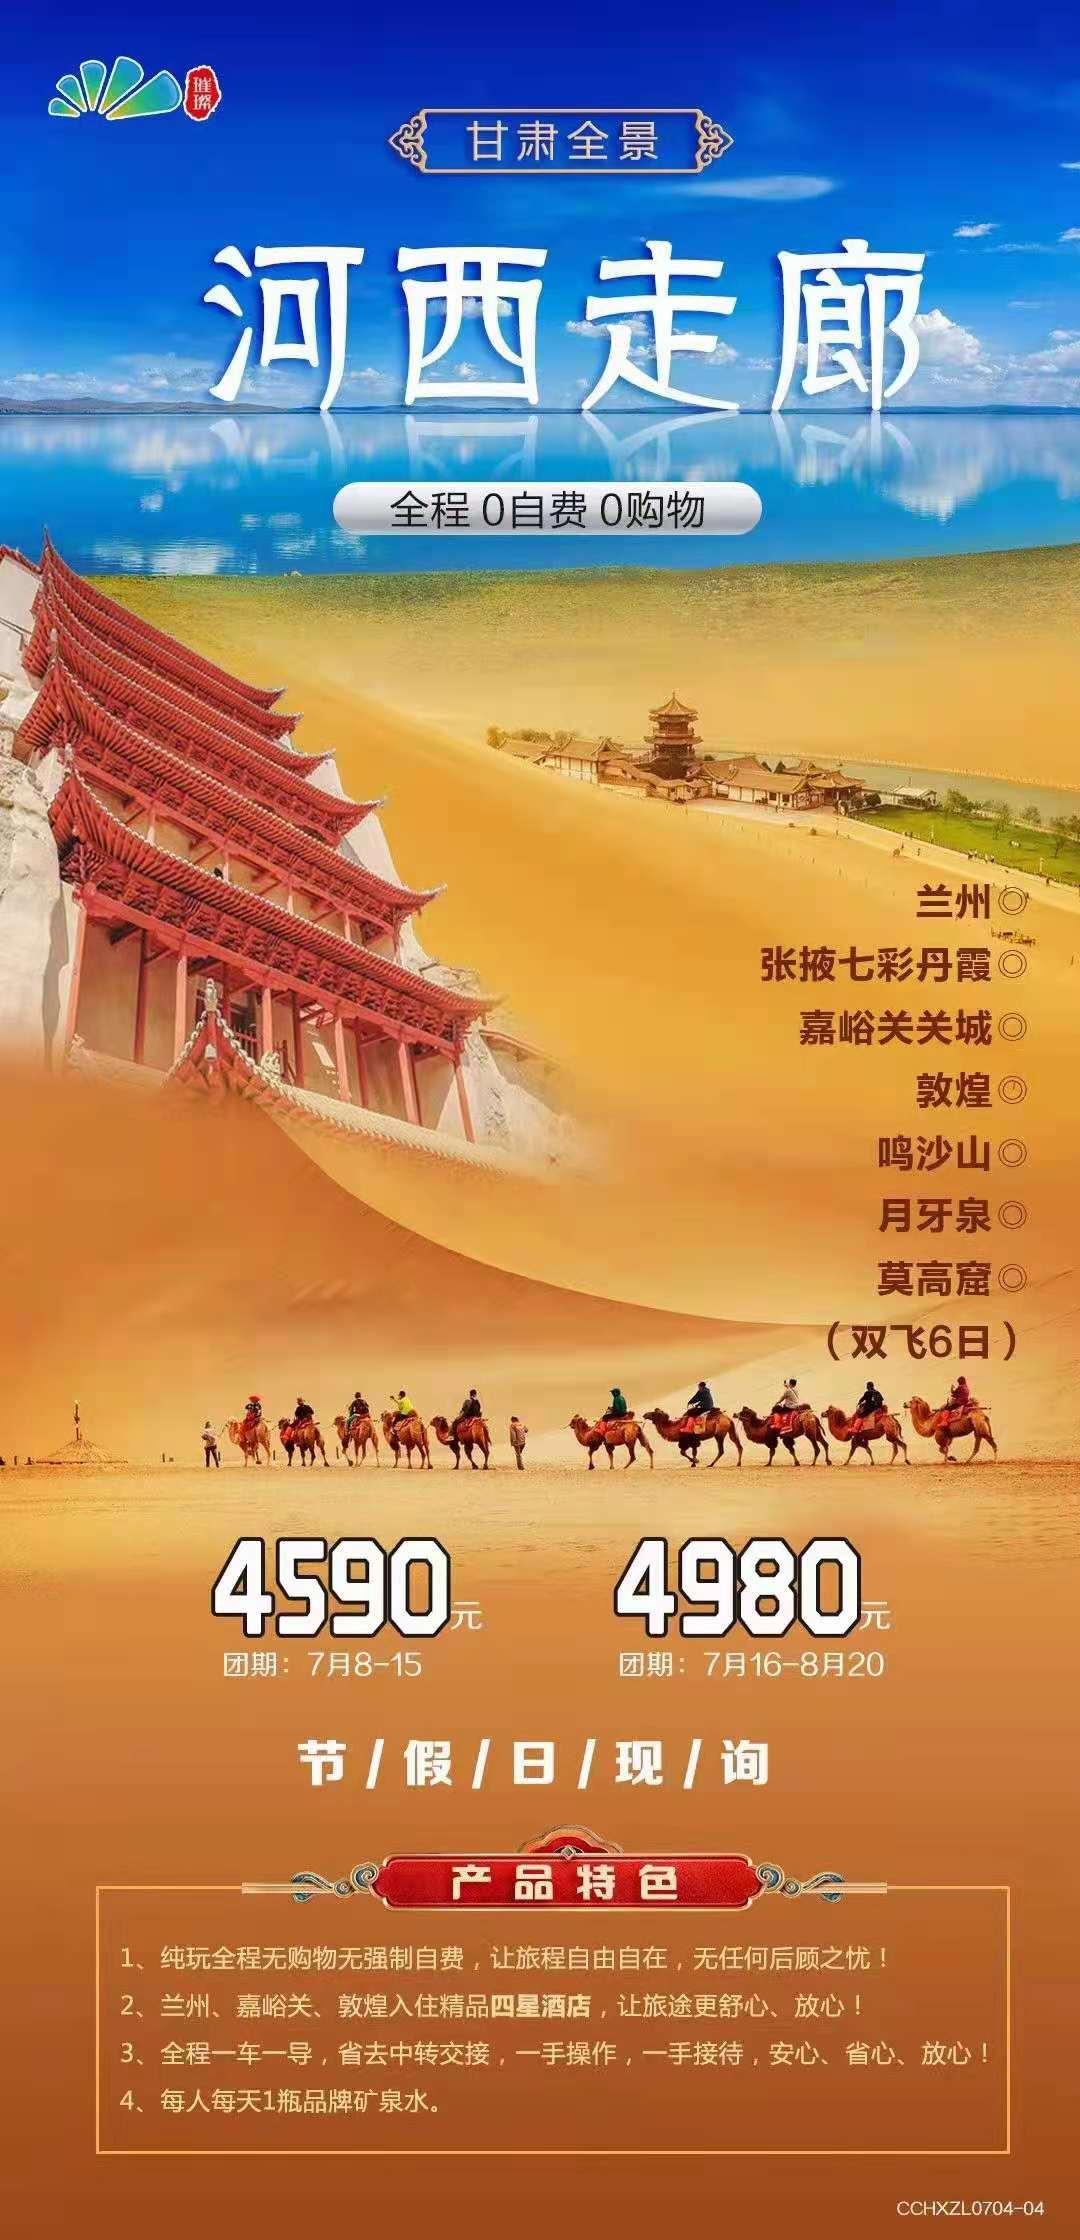 甘肃全景双飞6